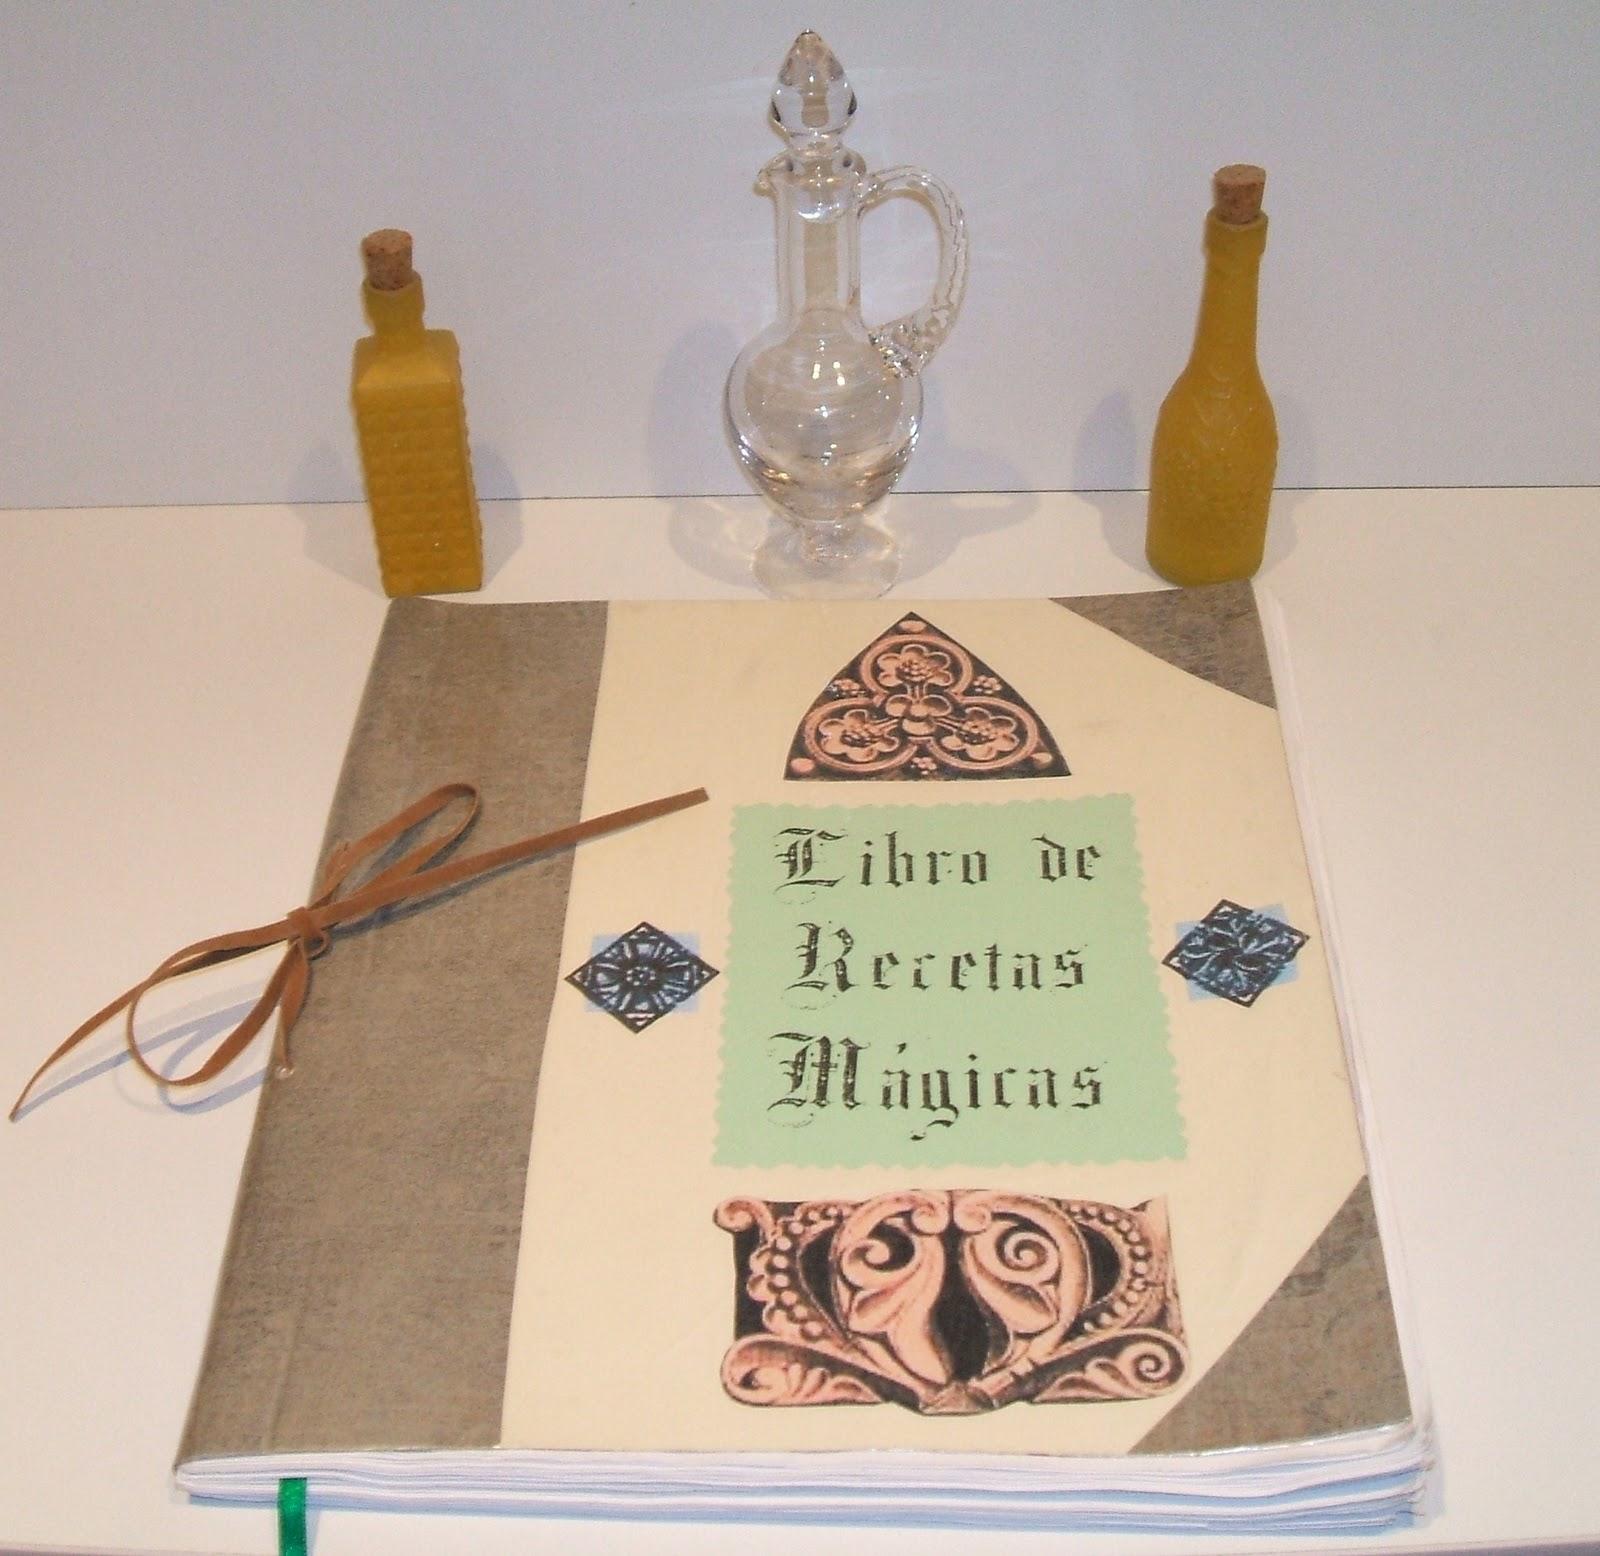 LAPICERO MÁGICO: Libro de Recetas Mágicas